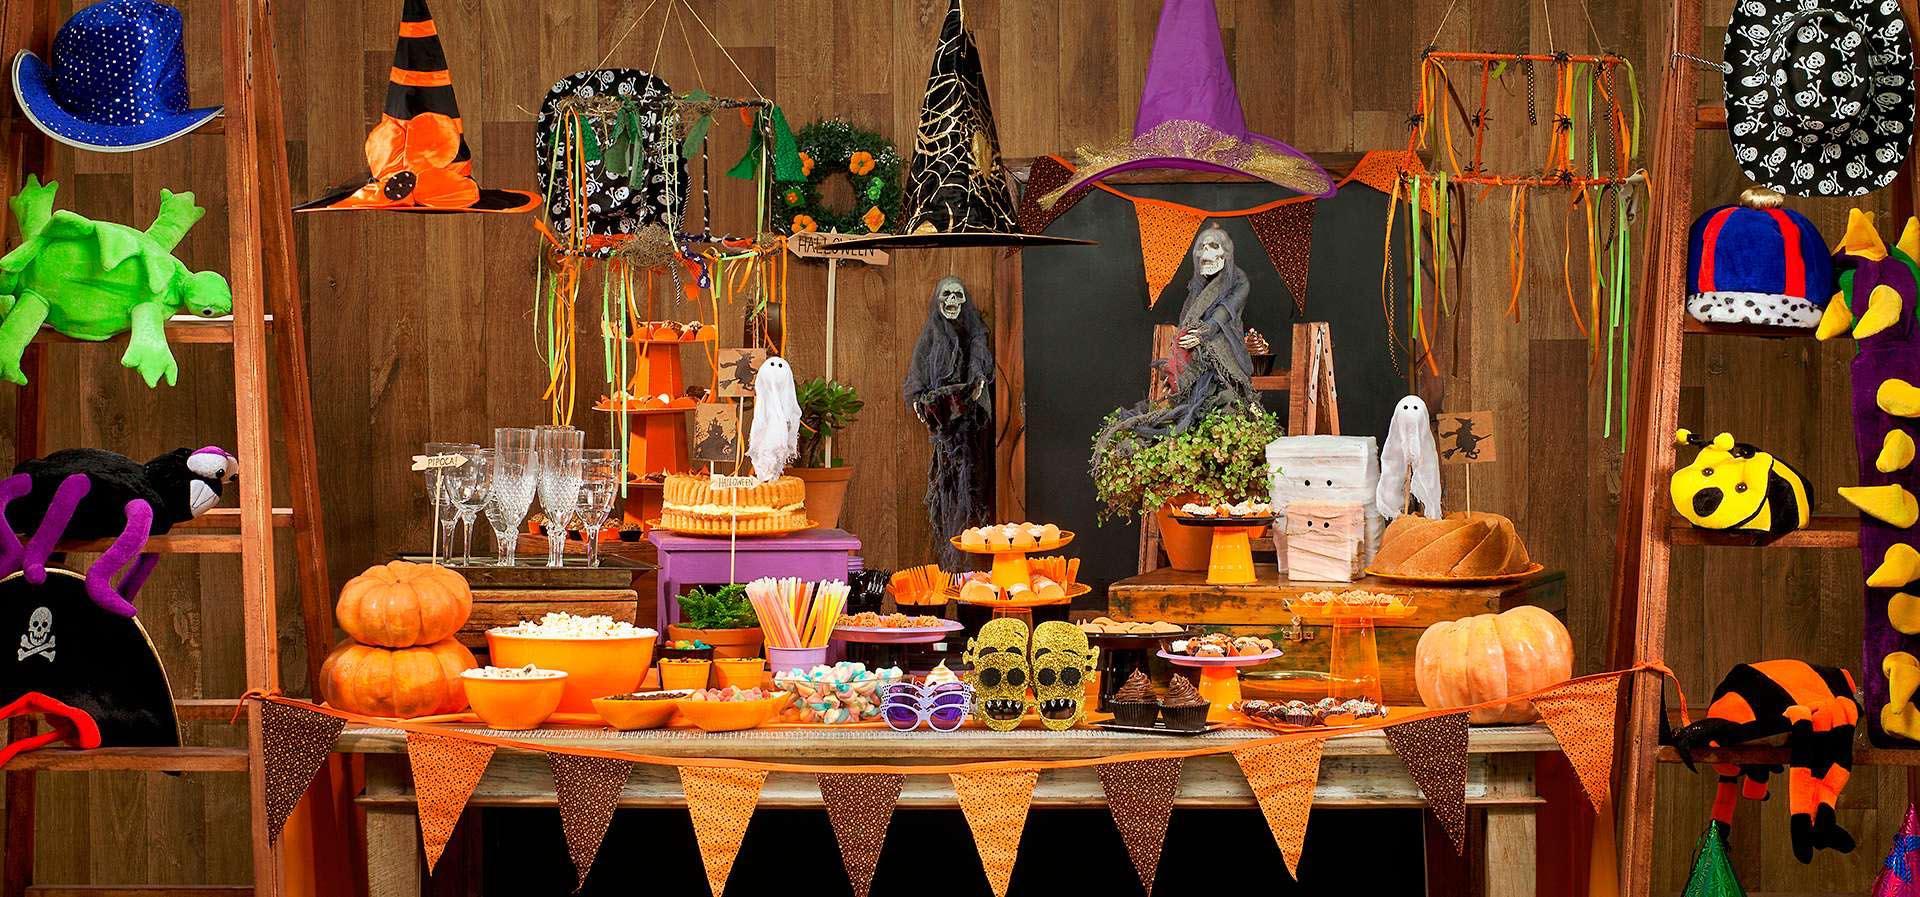 decoração para halloween